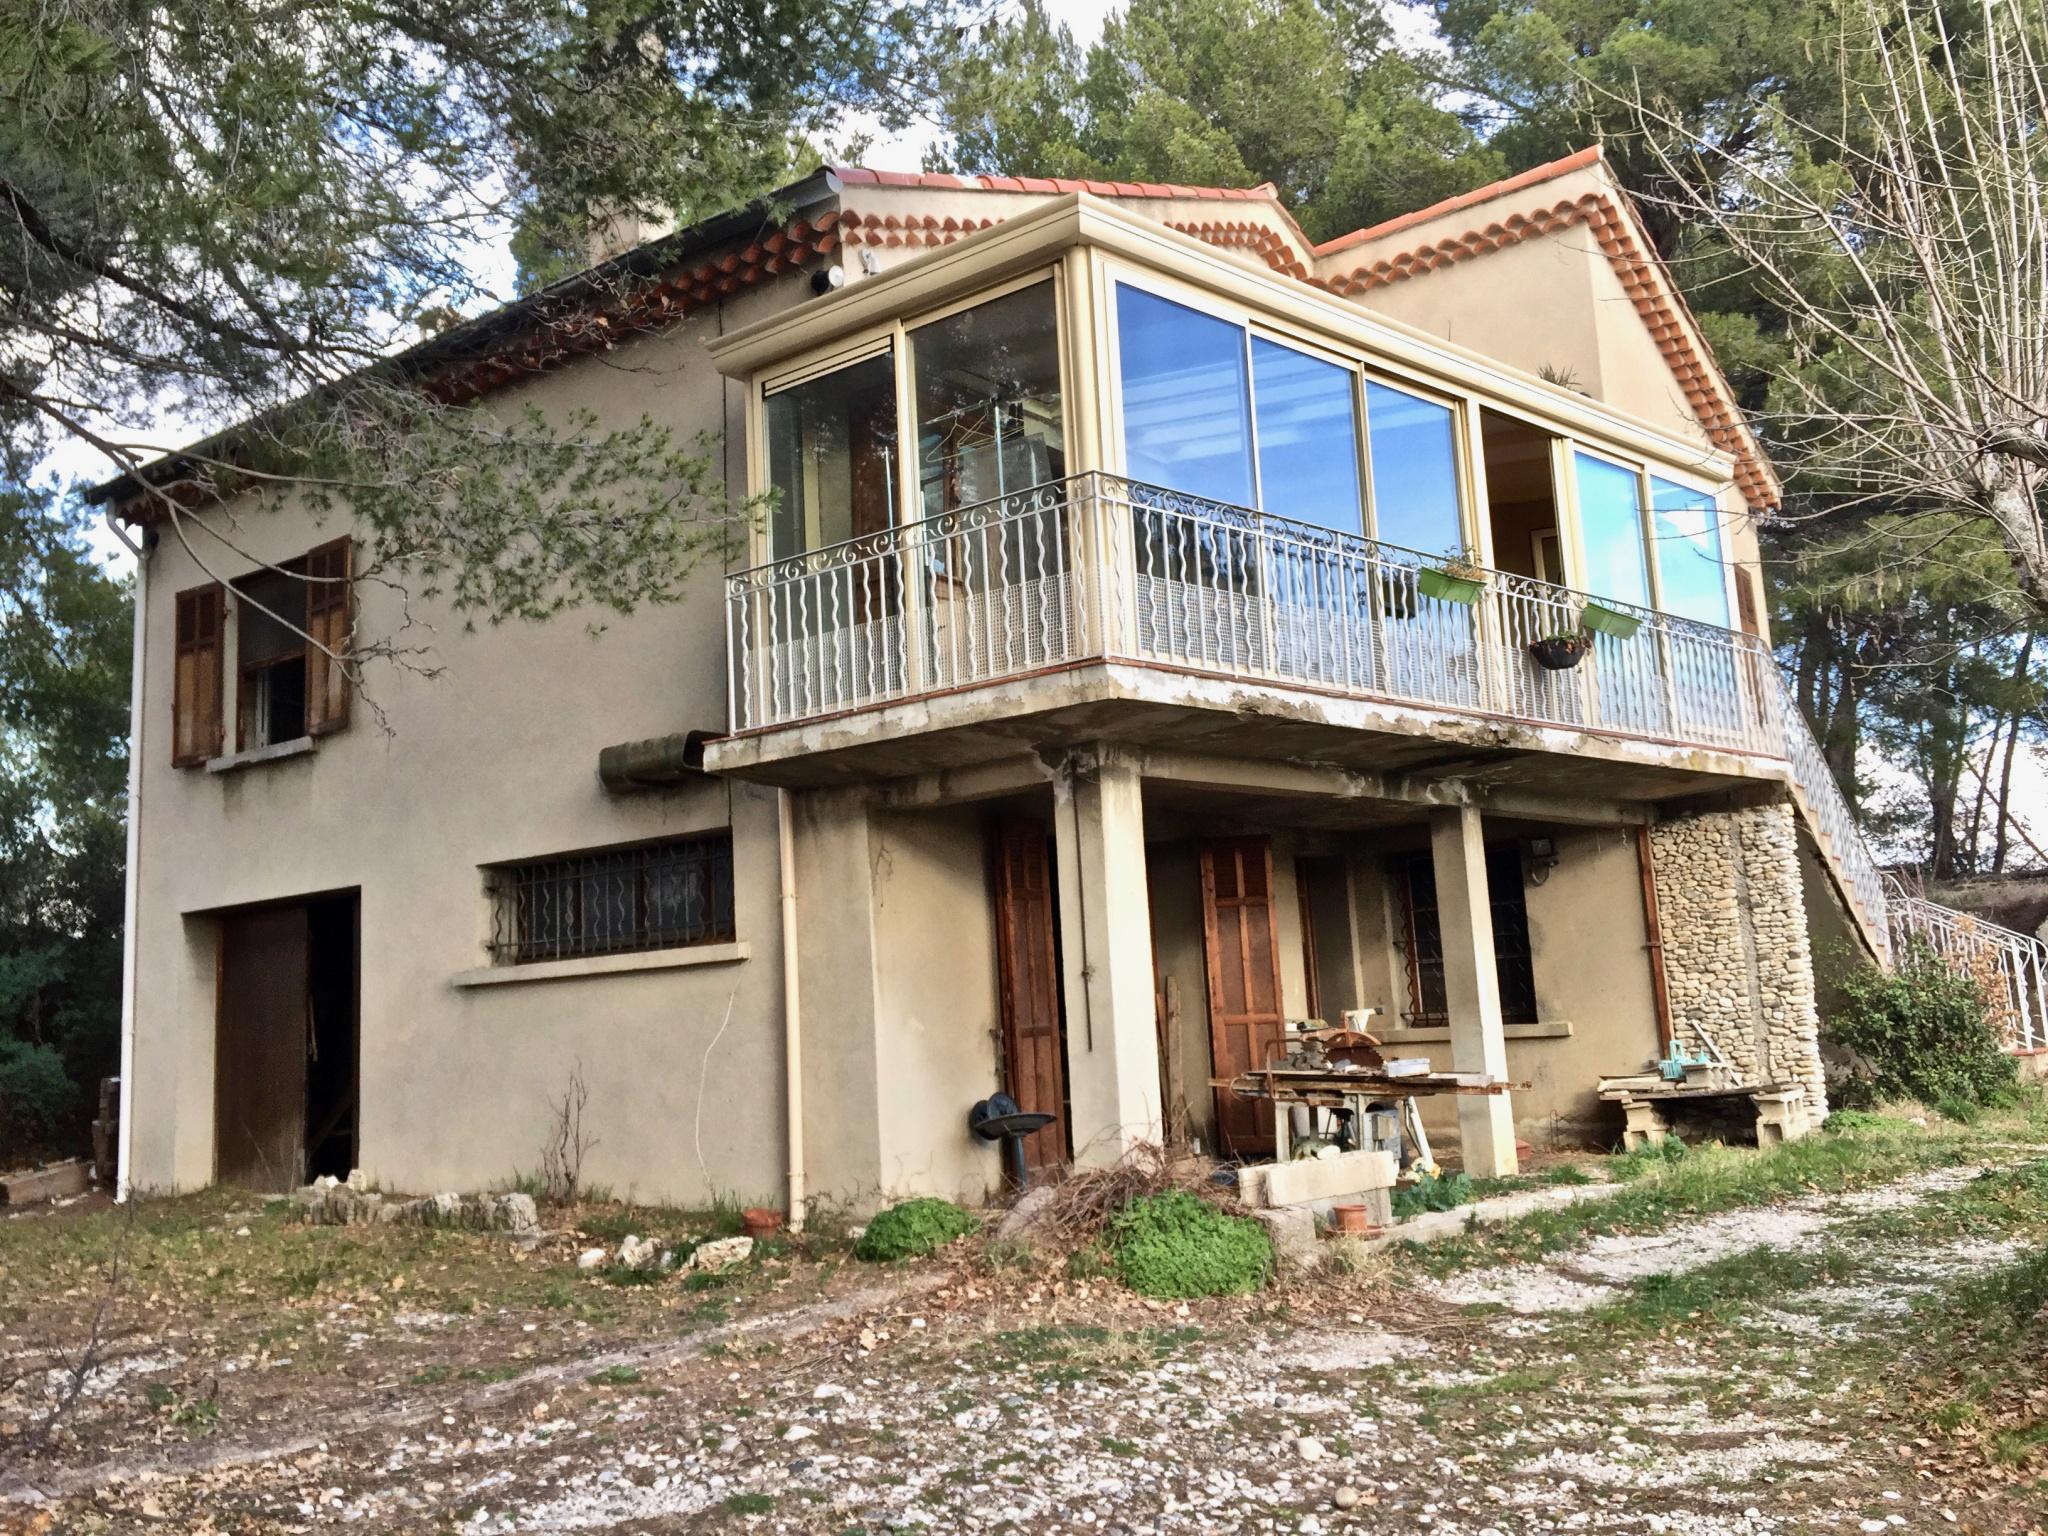 Achat Immobilier Aix En Provence Vente Immobiliere Pays D Aix